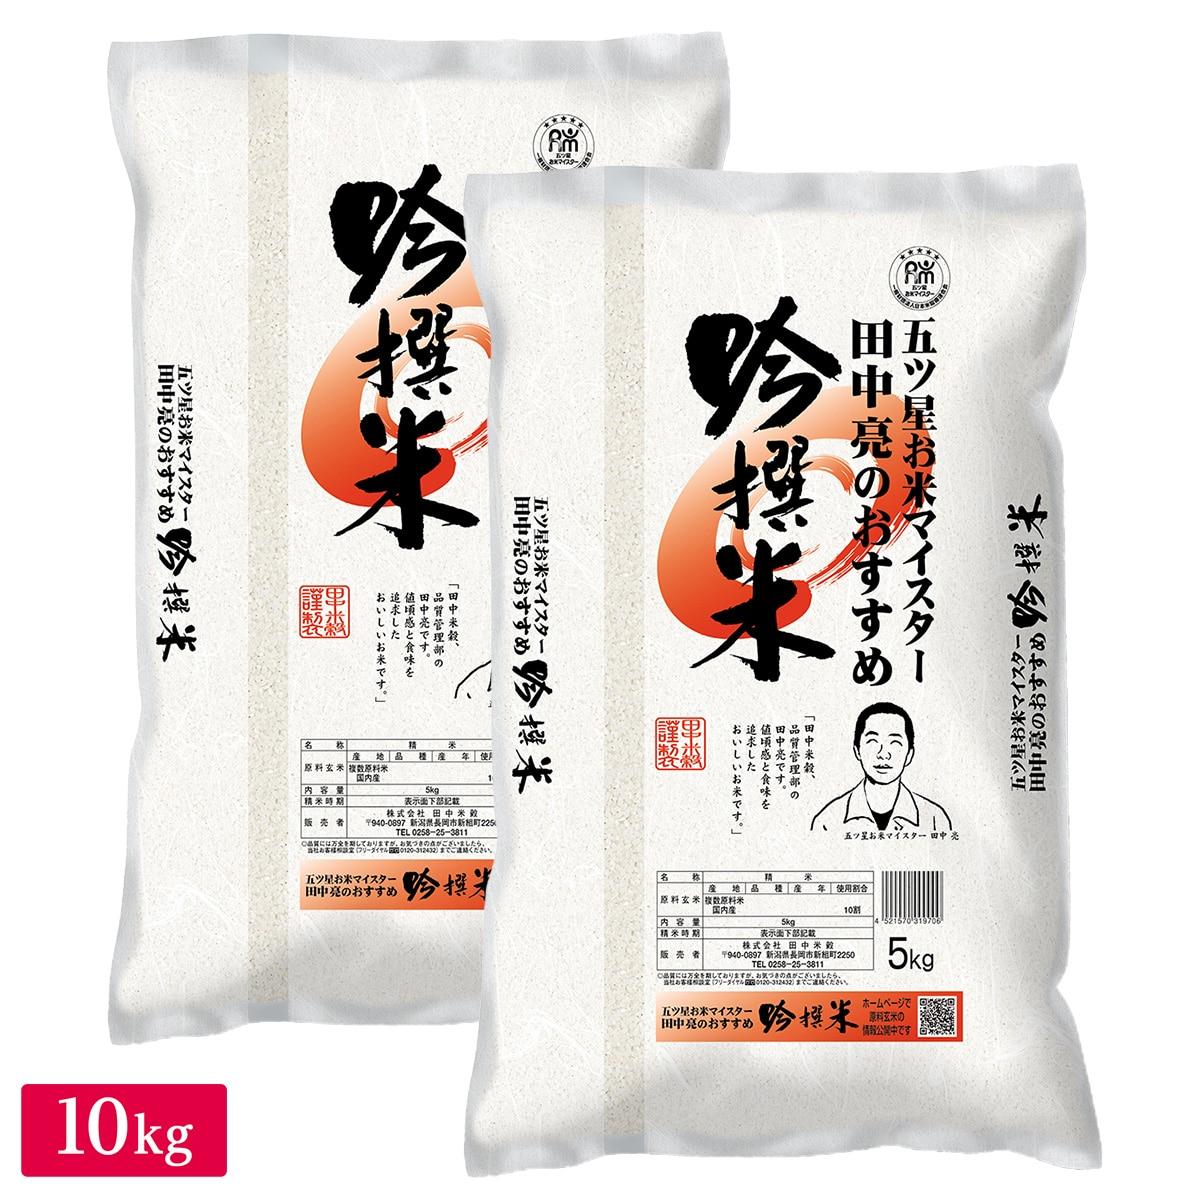 ■お米マイスター 田中亮おすすめ 吟撰米 10kg(5kg×2袋)